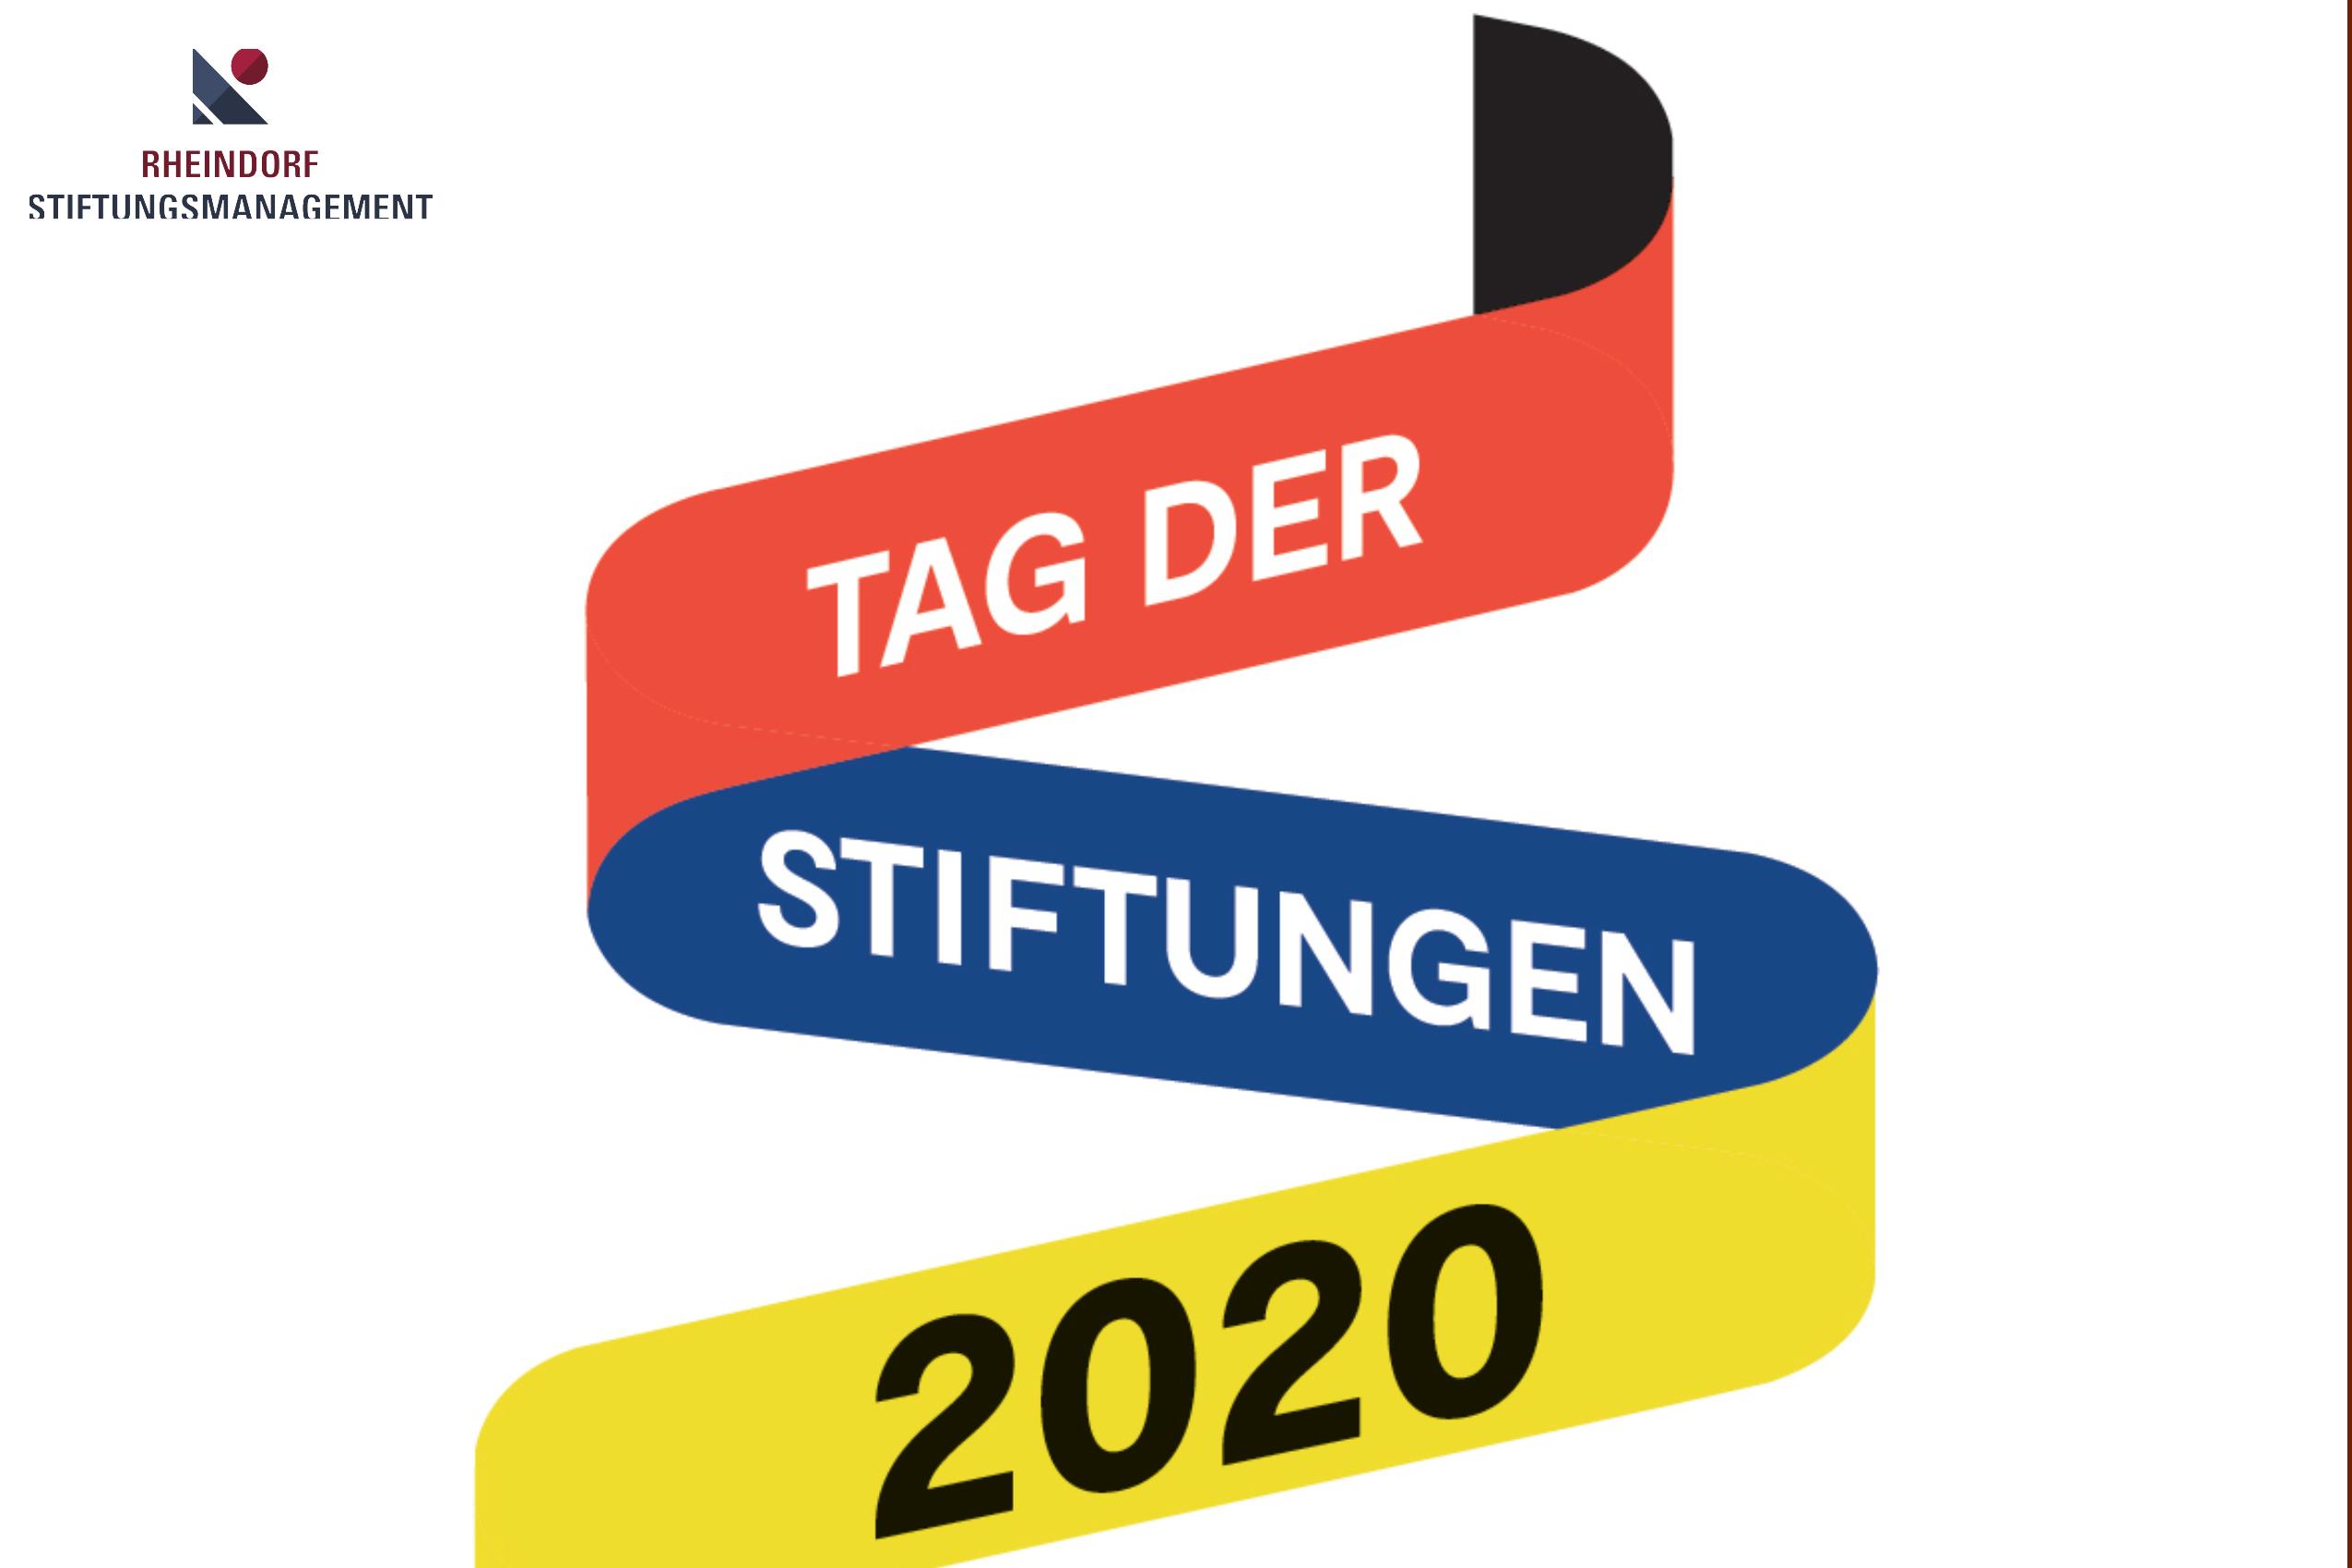 Tag der Stiftungen: 1. Oktober 2020